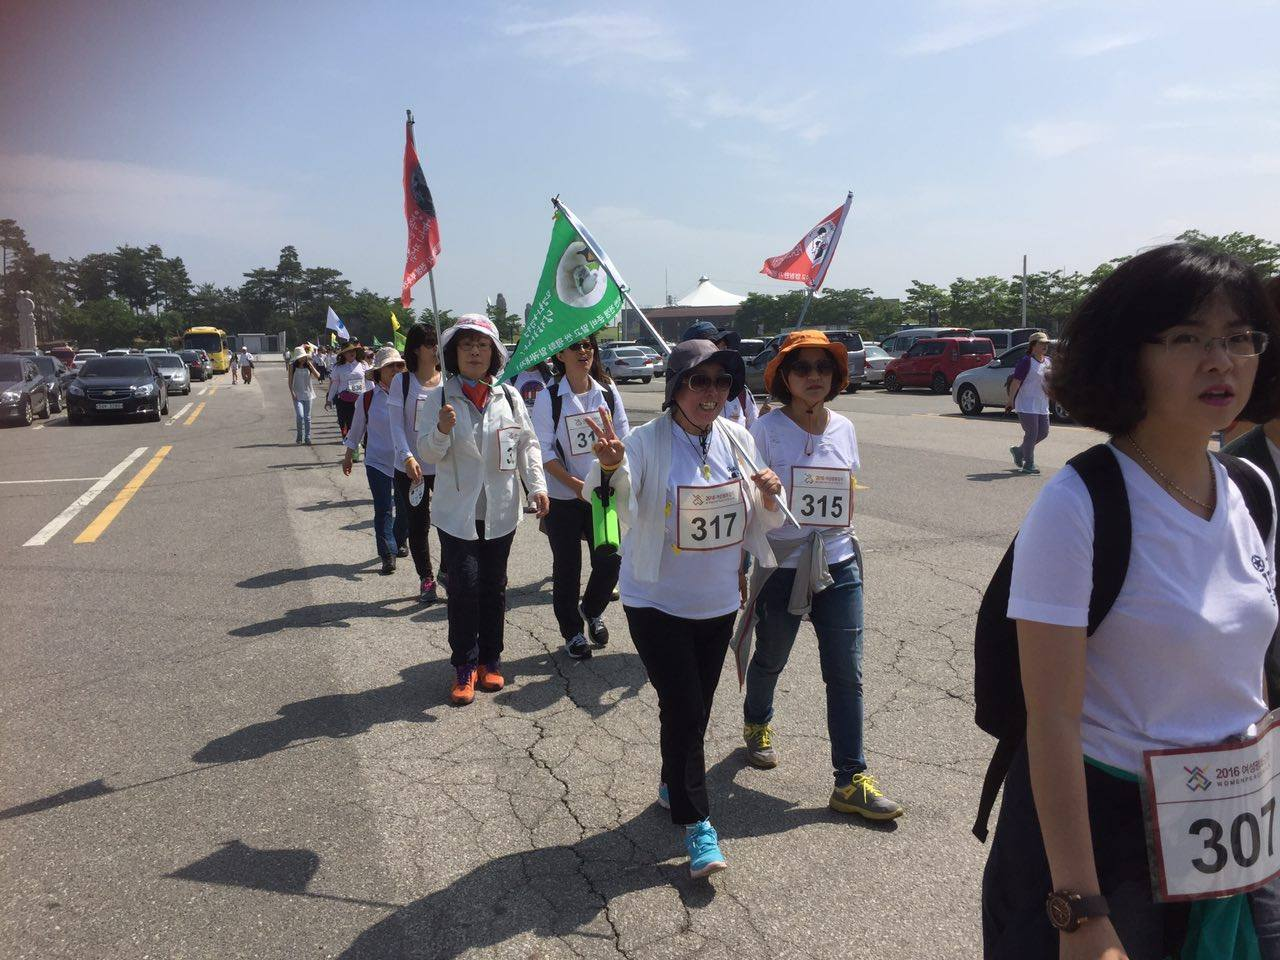 파주 DMZ 여성평화걷기 다양한 활동을 하는 여성들이 평화를 기원하며 함께 걷고 있다.